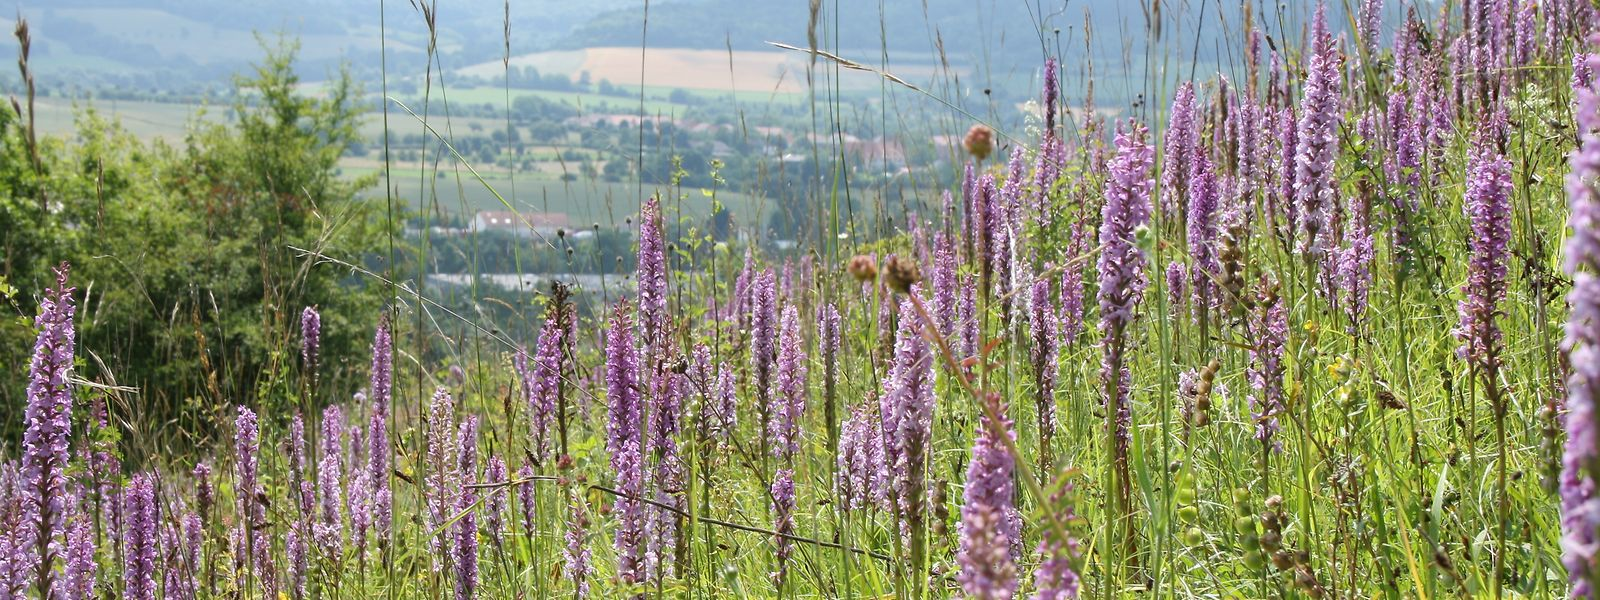 Seit 2009 ist der nahe gelegene Bliesgau im Saarland Unesco-Biosphärenreservat. Ein Vorbild für das Projekt in Luxemburg?